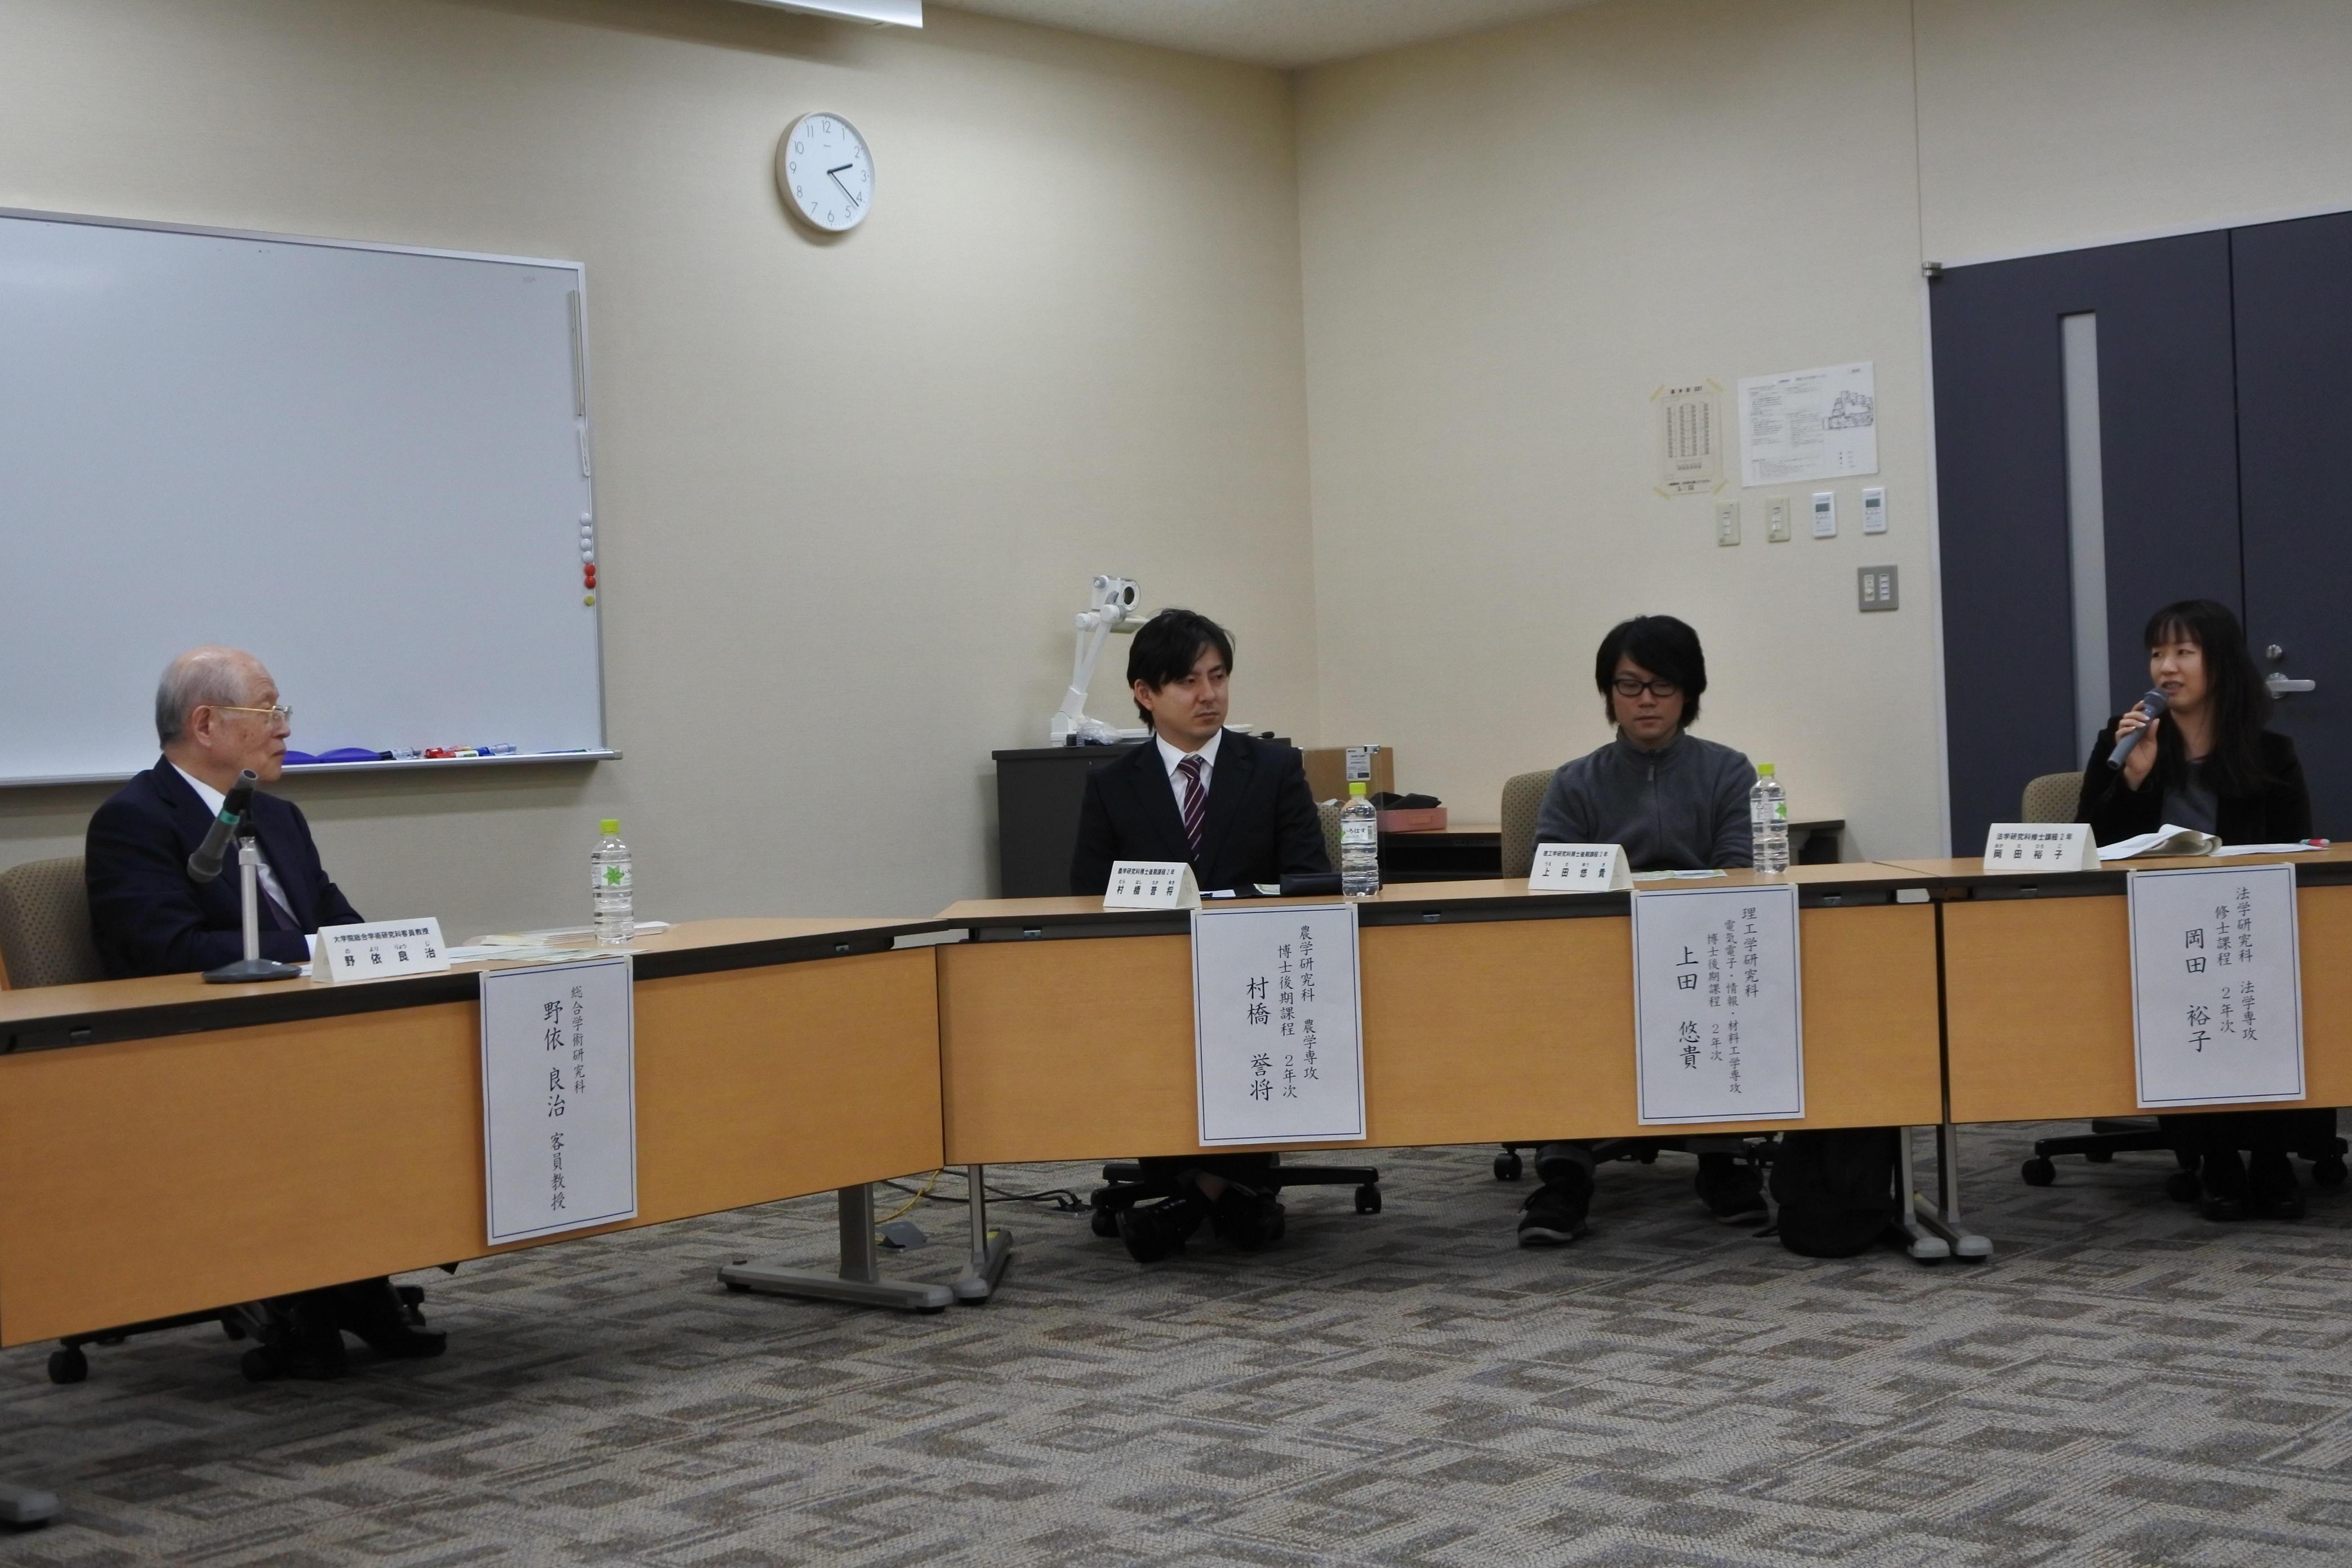 (右から)岡田さん、上田さん、村橋さん、野依客員教授